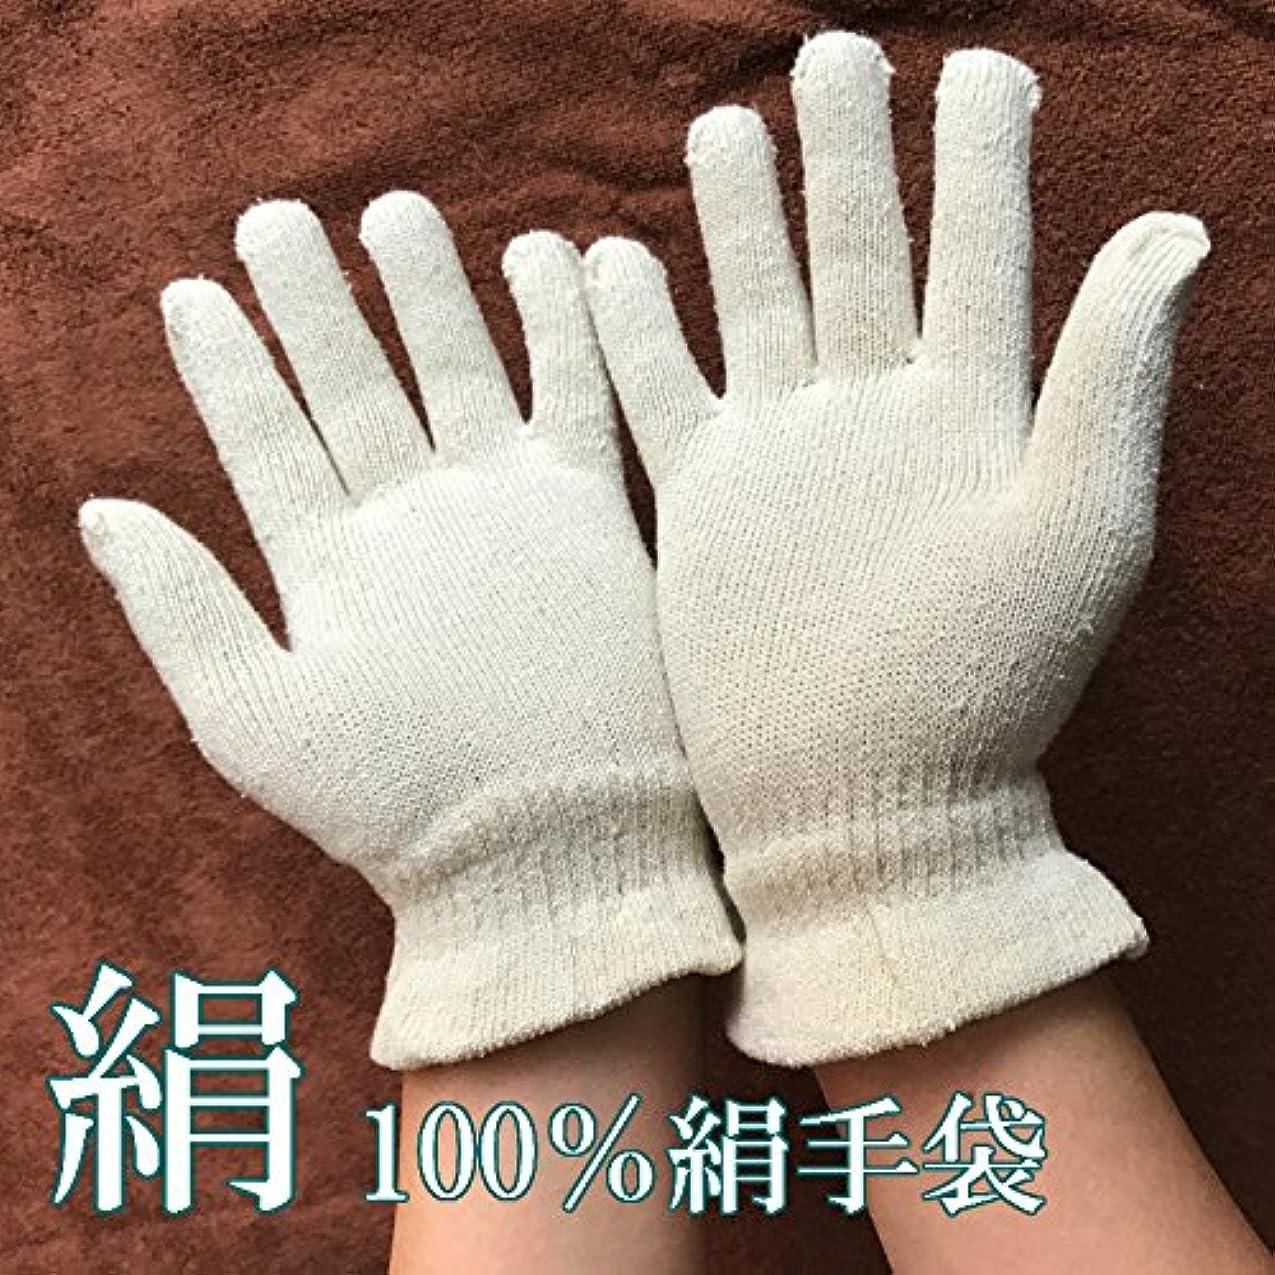 アコー背の高い有効化絹手袋 シルク手袋 ガルシャナ アーユルヴェーダ